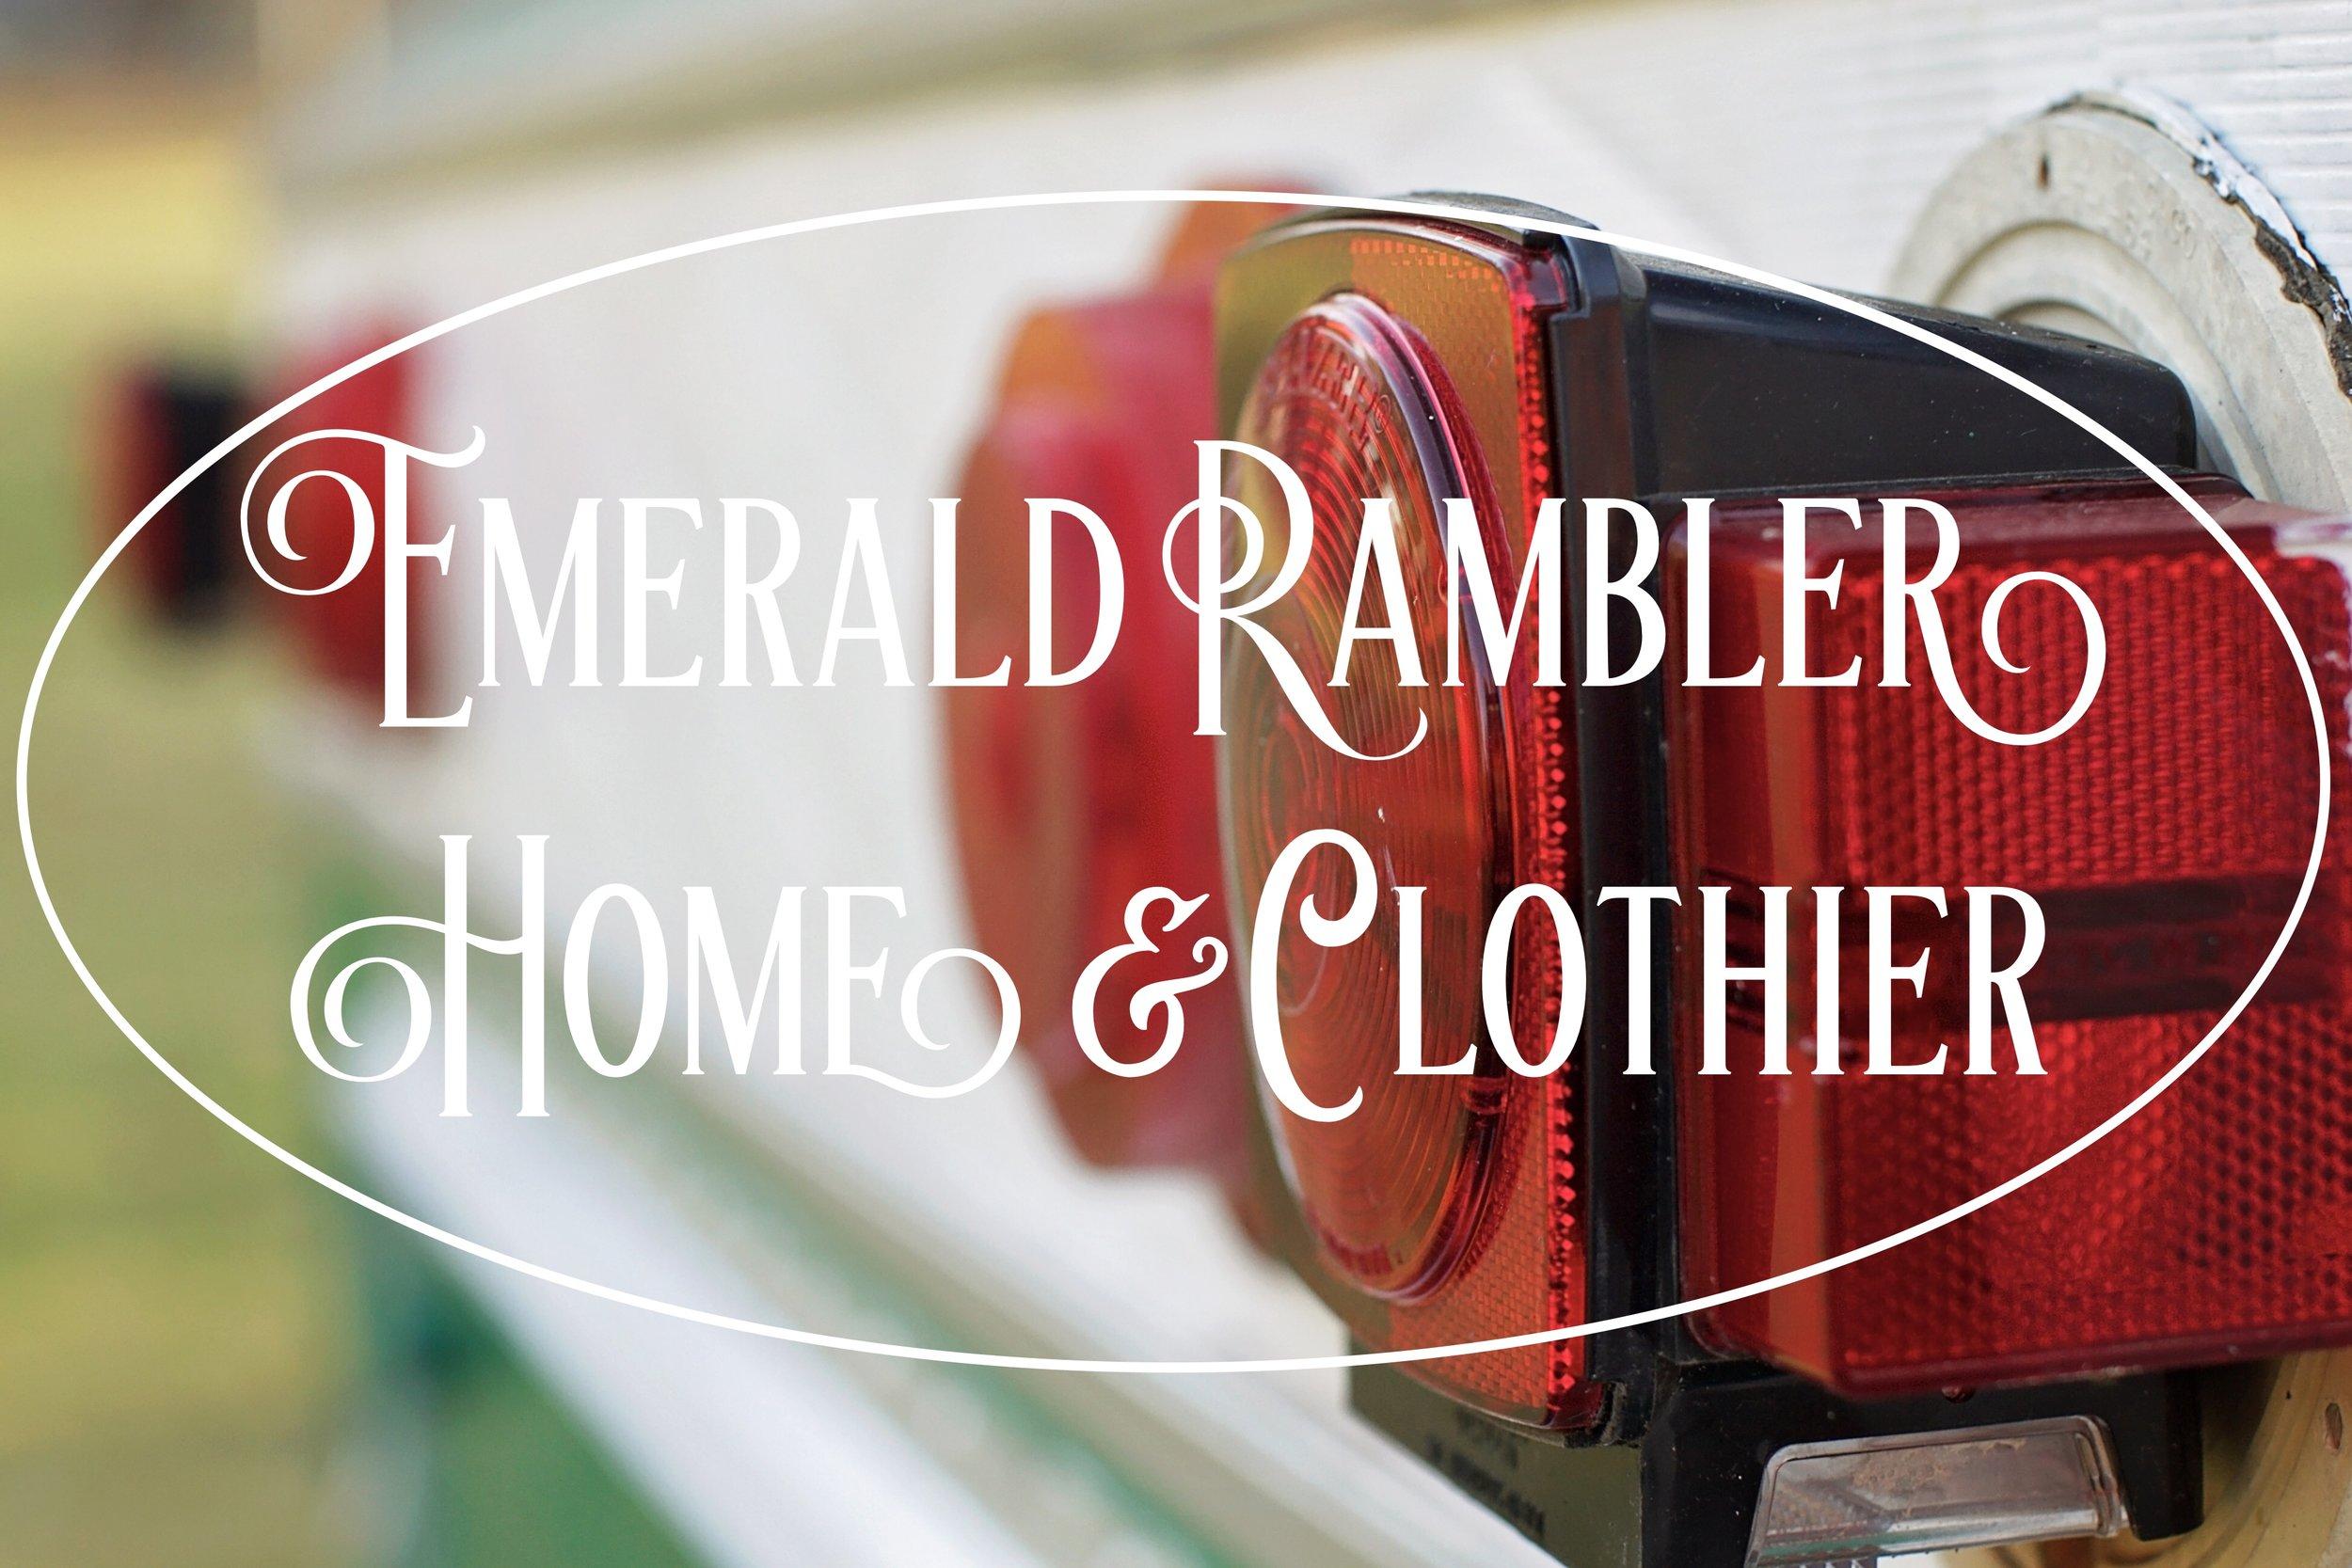 Emerald Rambler.jpg